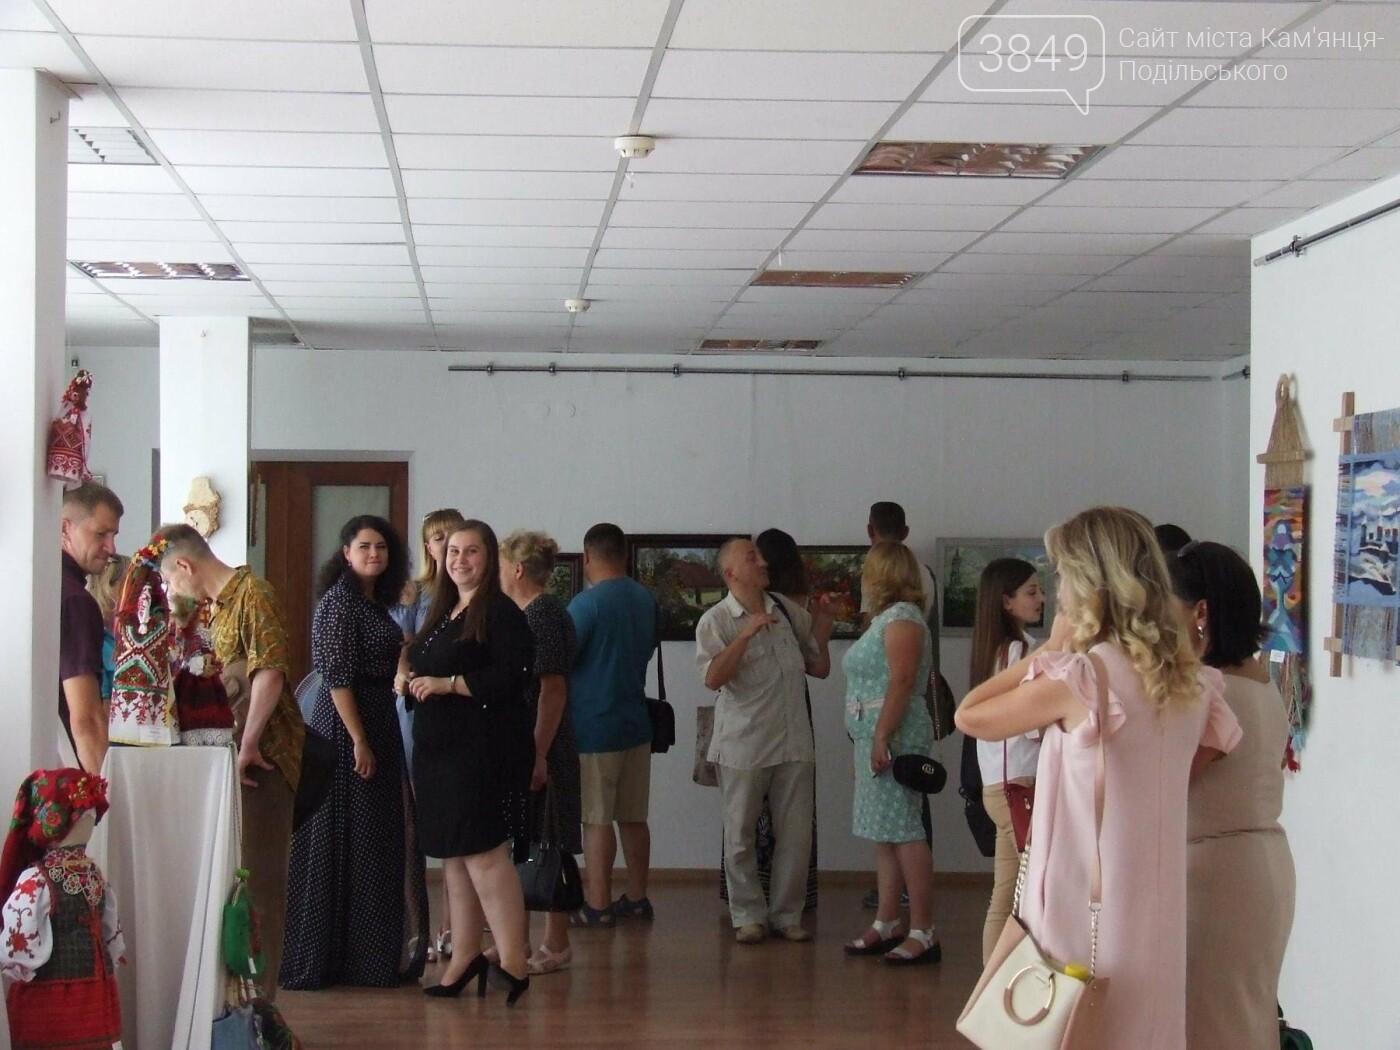 У Кам'янці відкрили виставку робіт декоративного та образотворчого мистецтва, фото-1